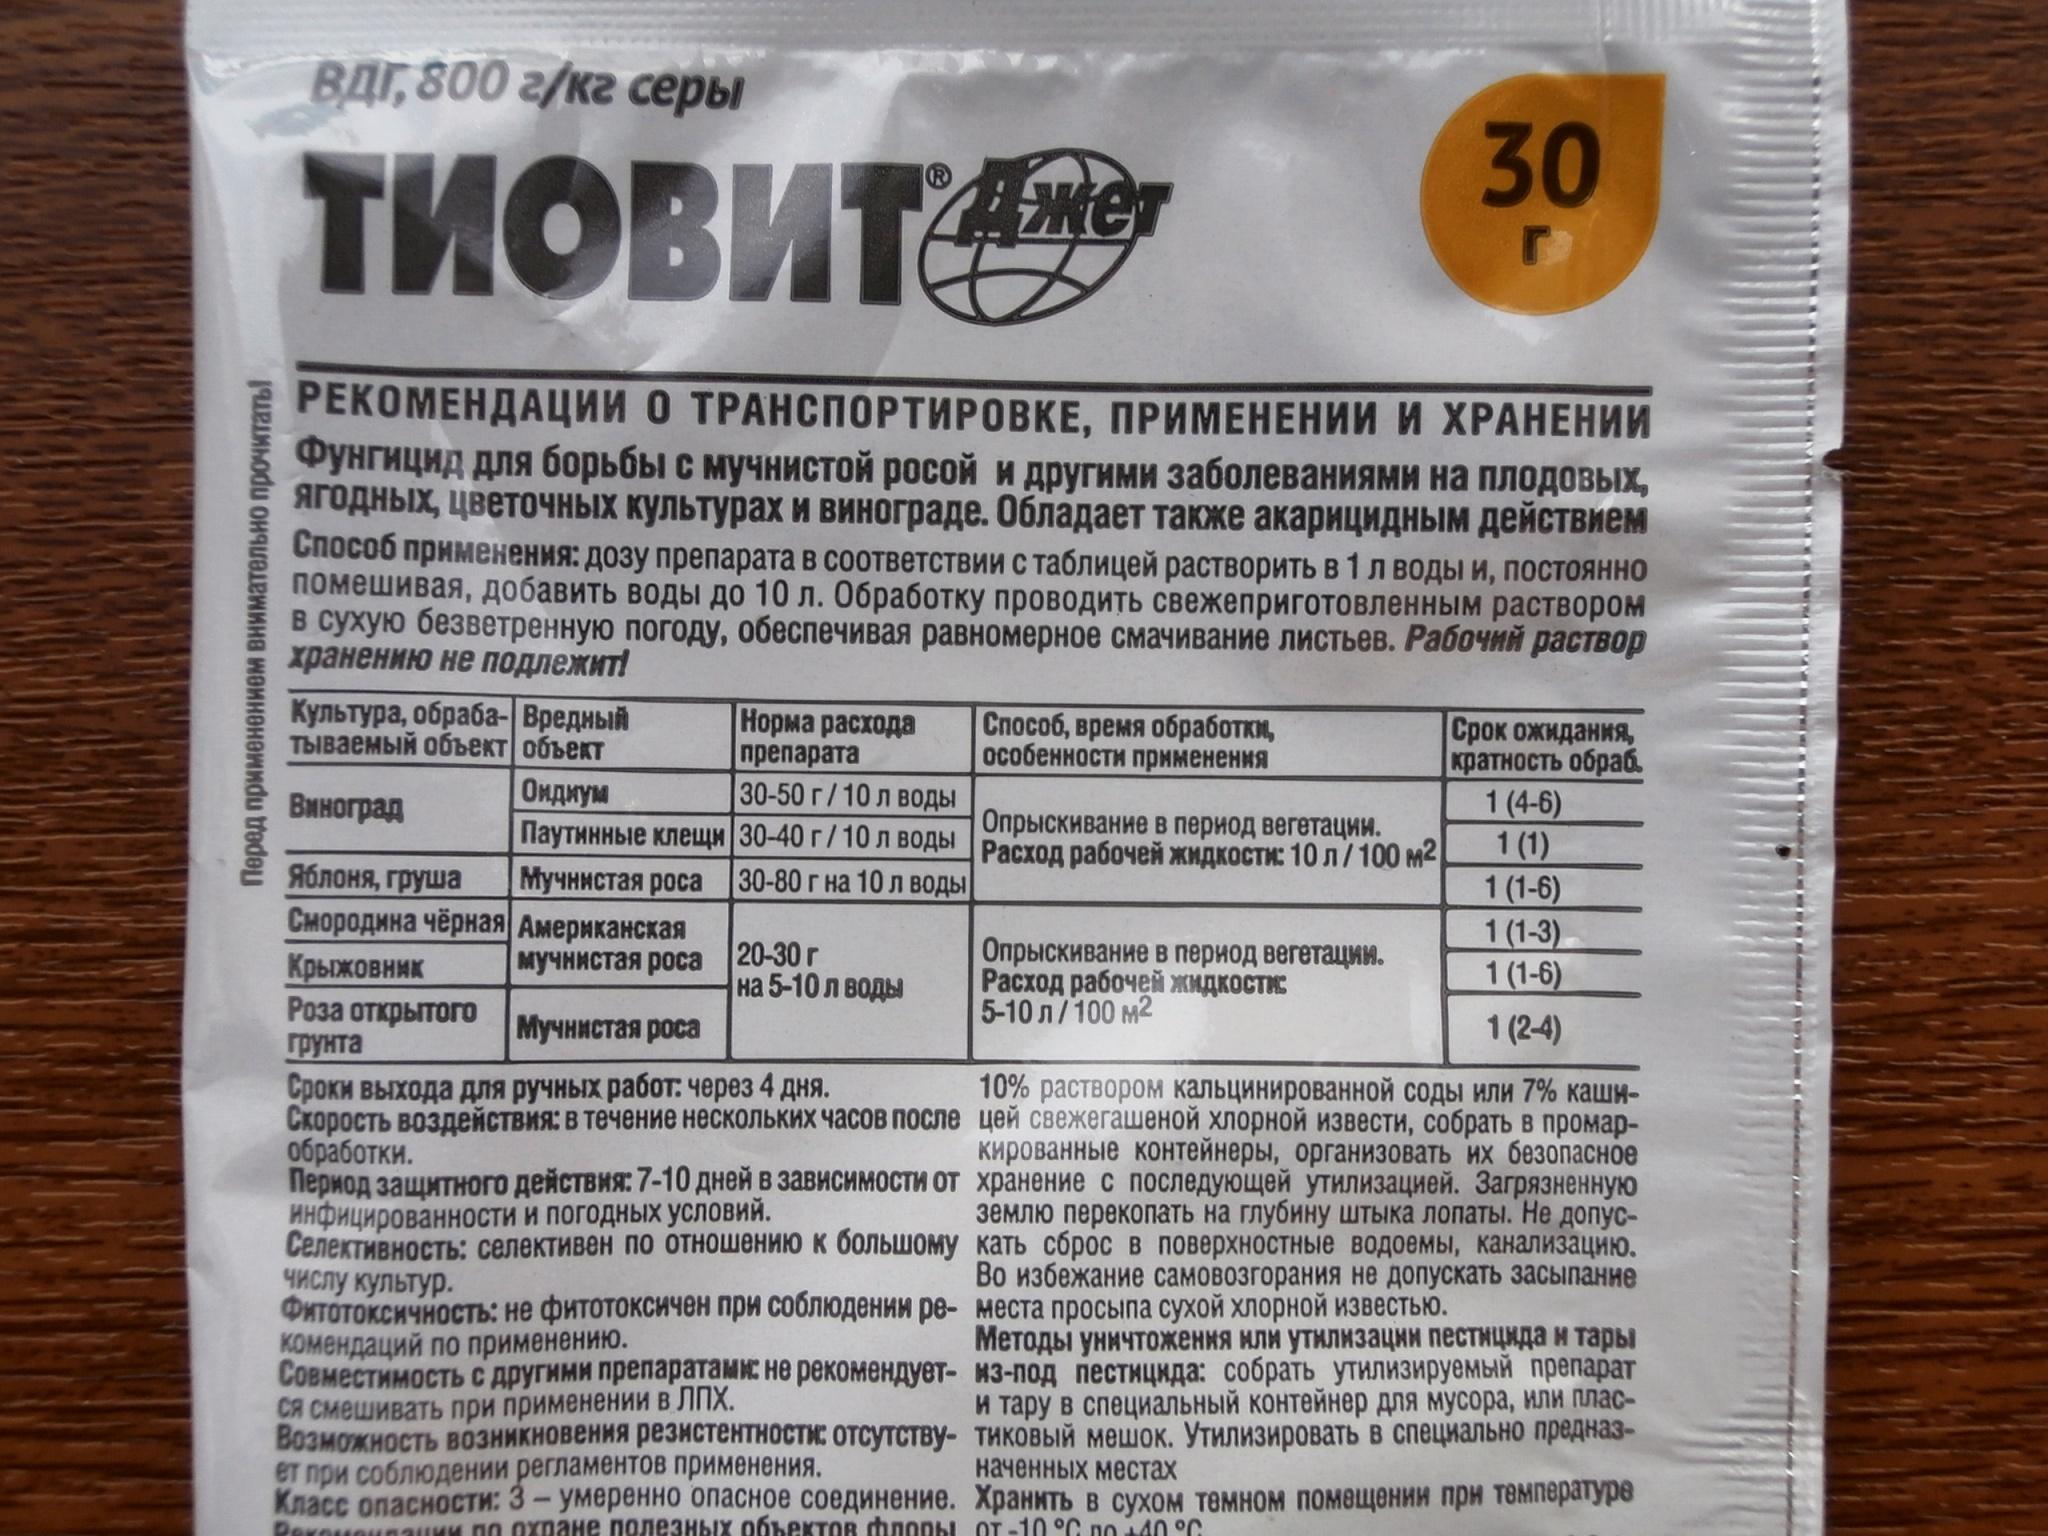 Витапрост® (vitaprost)